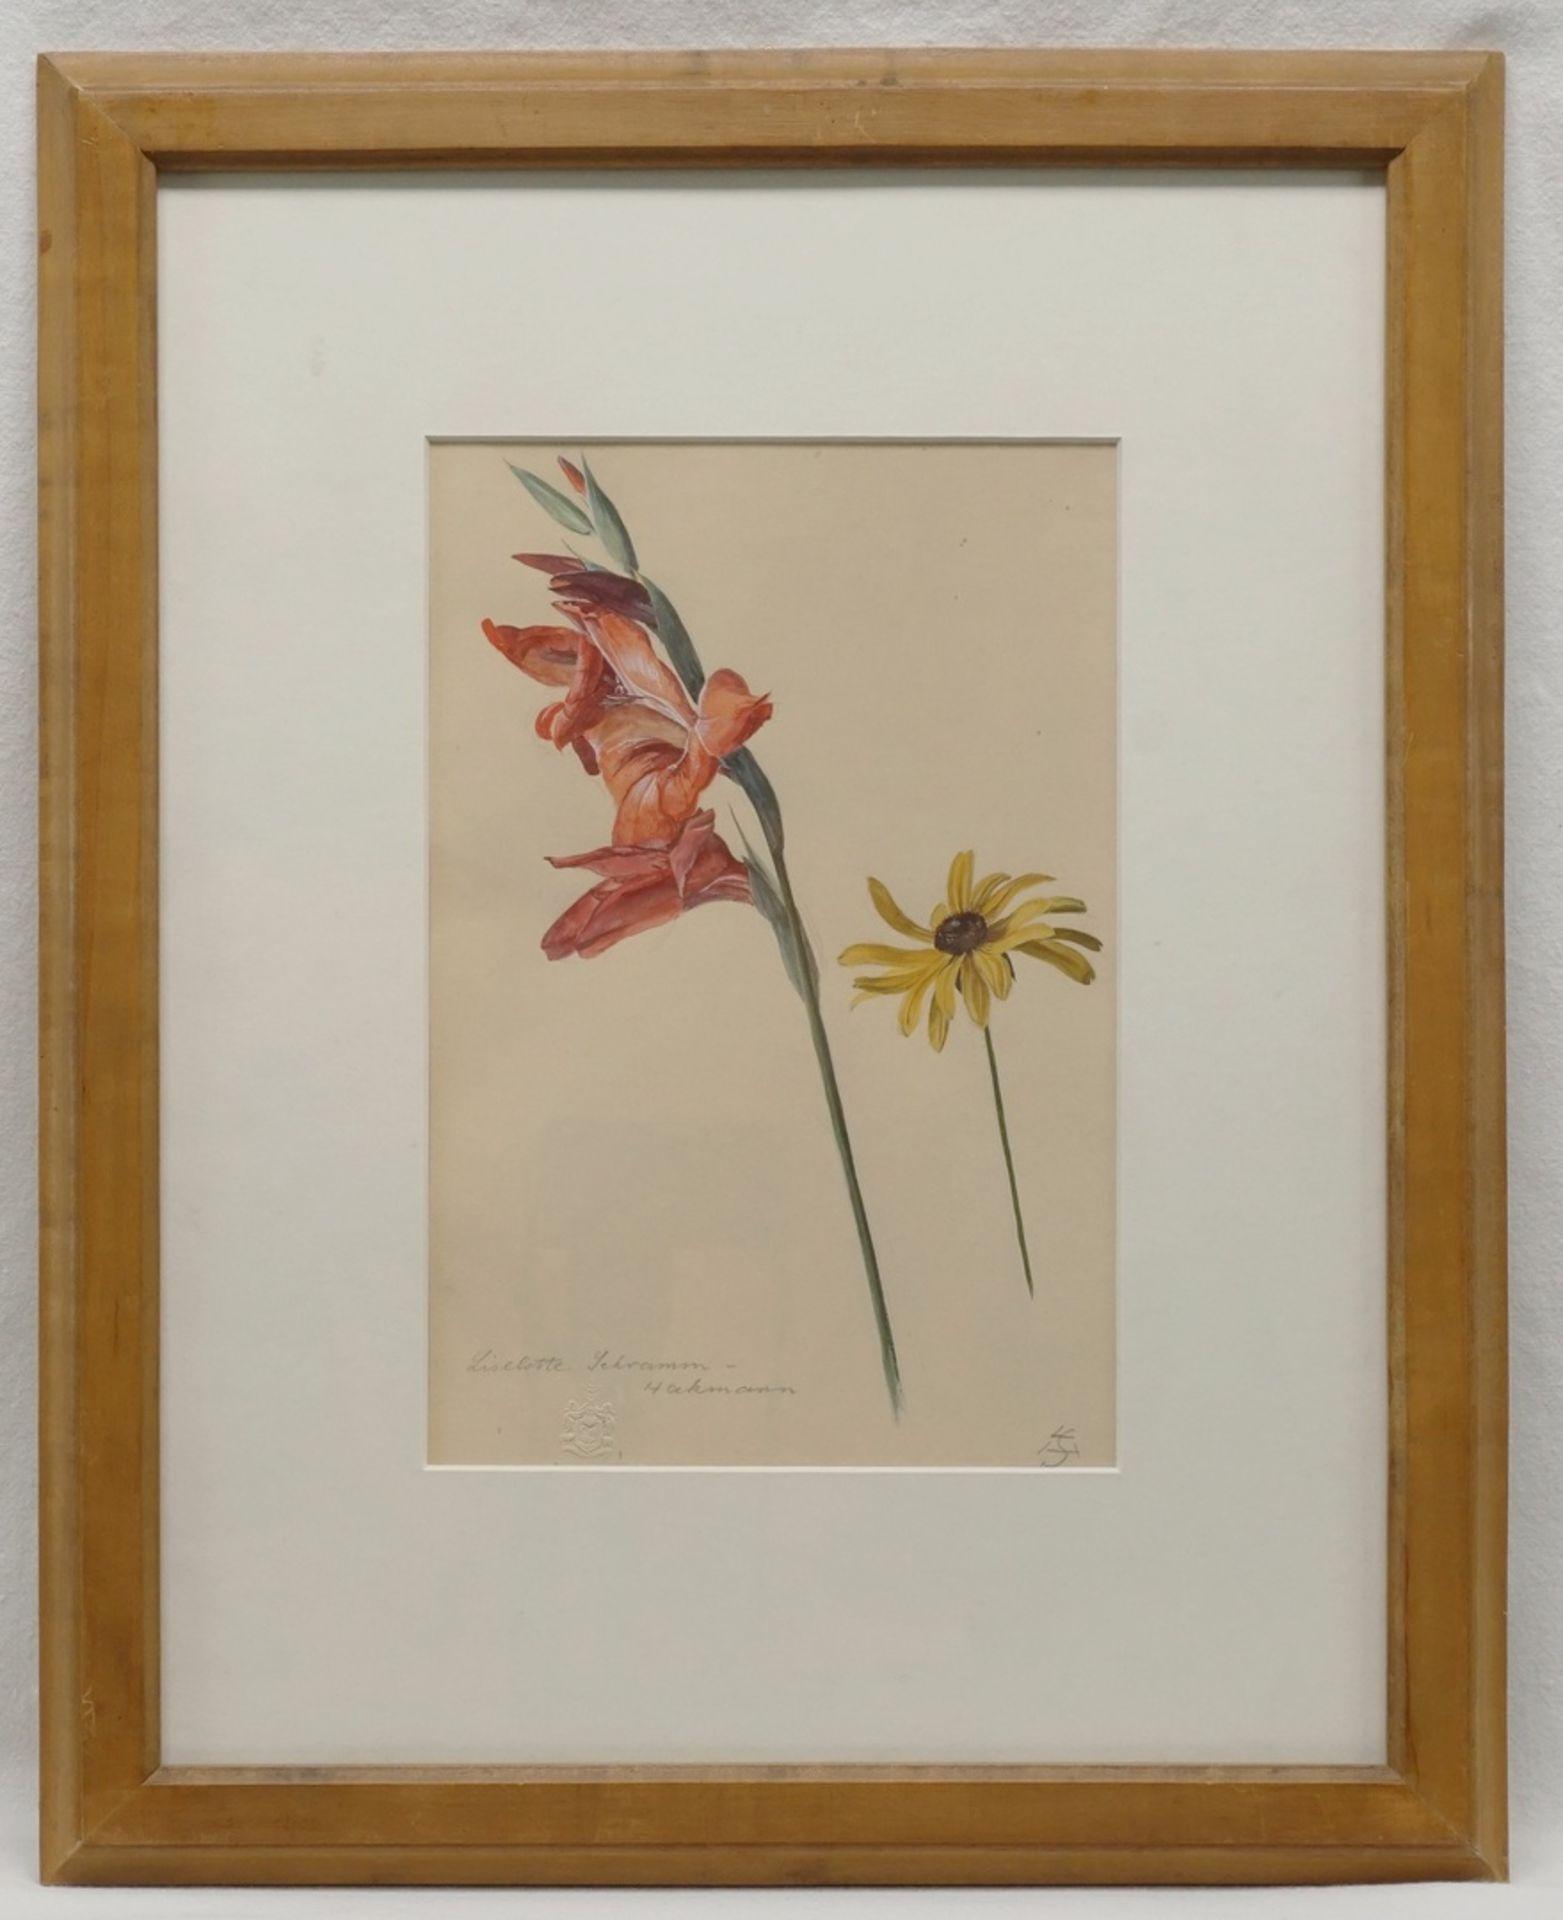 """Liselotte Schramm Heckmann, """"Gladiole und Sonnenhut"""" - Bild 2 aus 3"""